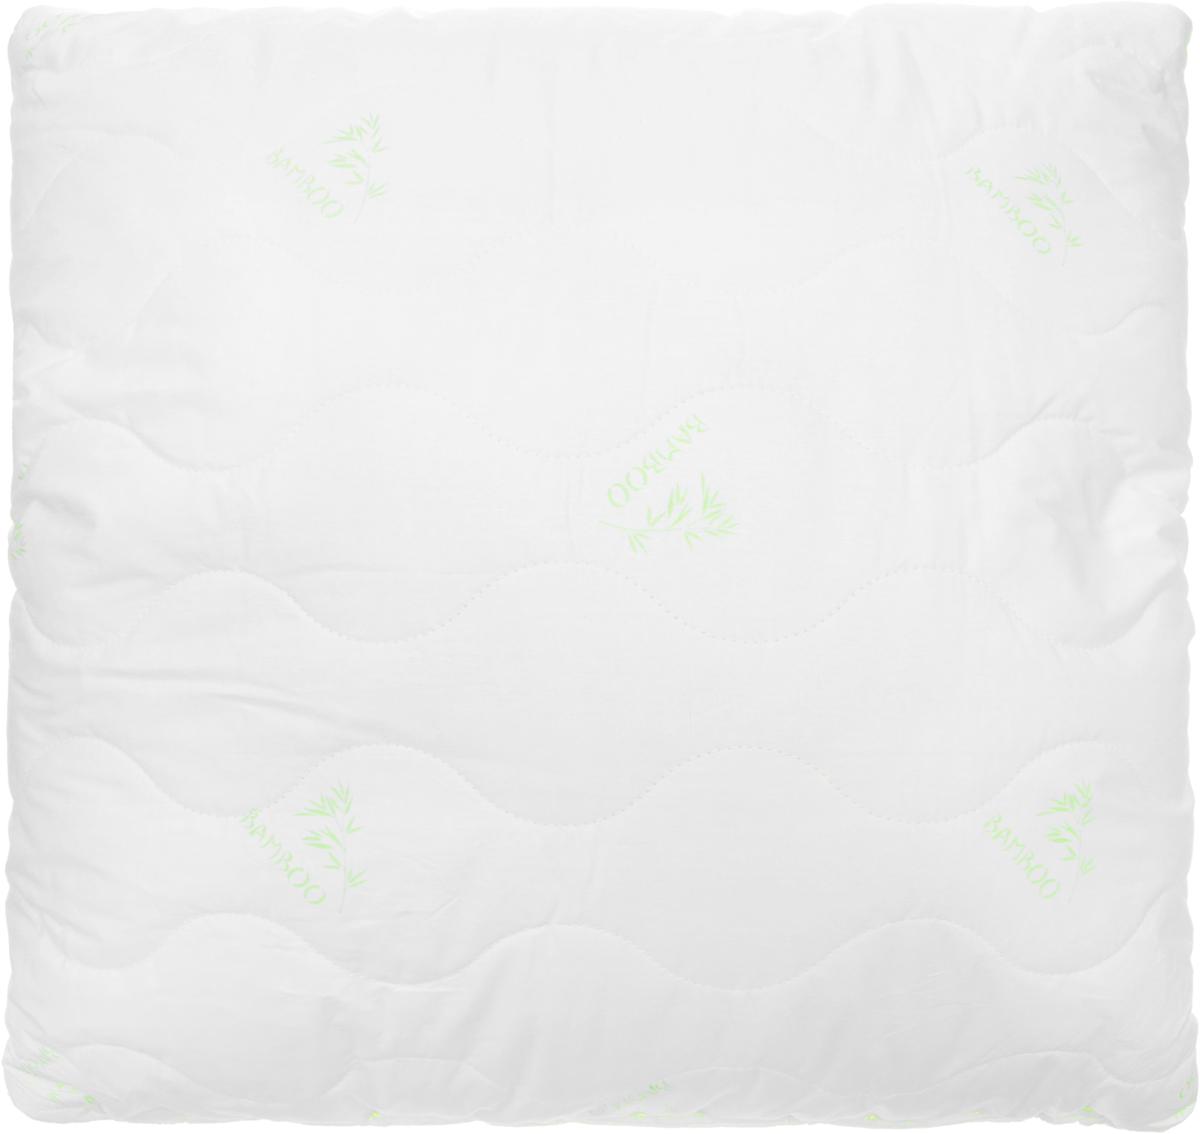 Подушка Ecotex Бамбук - Премиум, наполнитель: пух, полиэстер, 68 х 68 см подушка ecotex эдда наполнитель пух 68 х 68 см